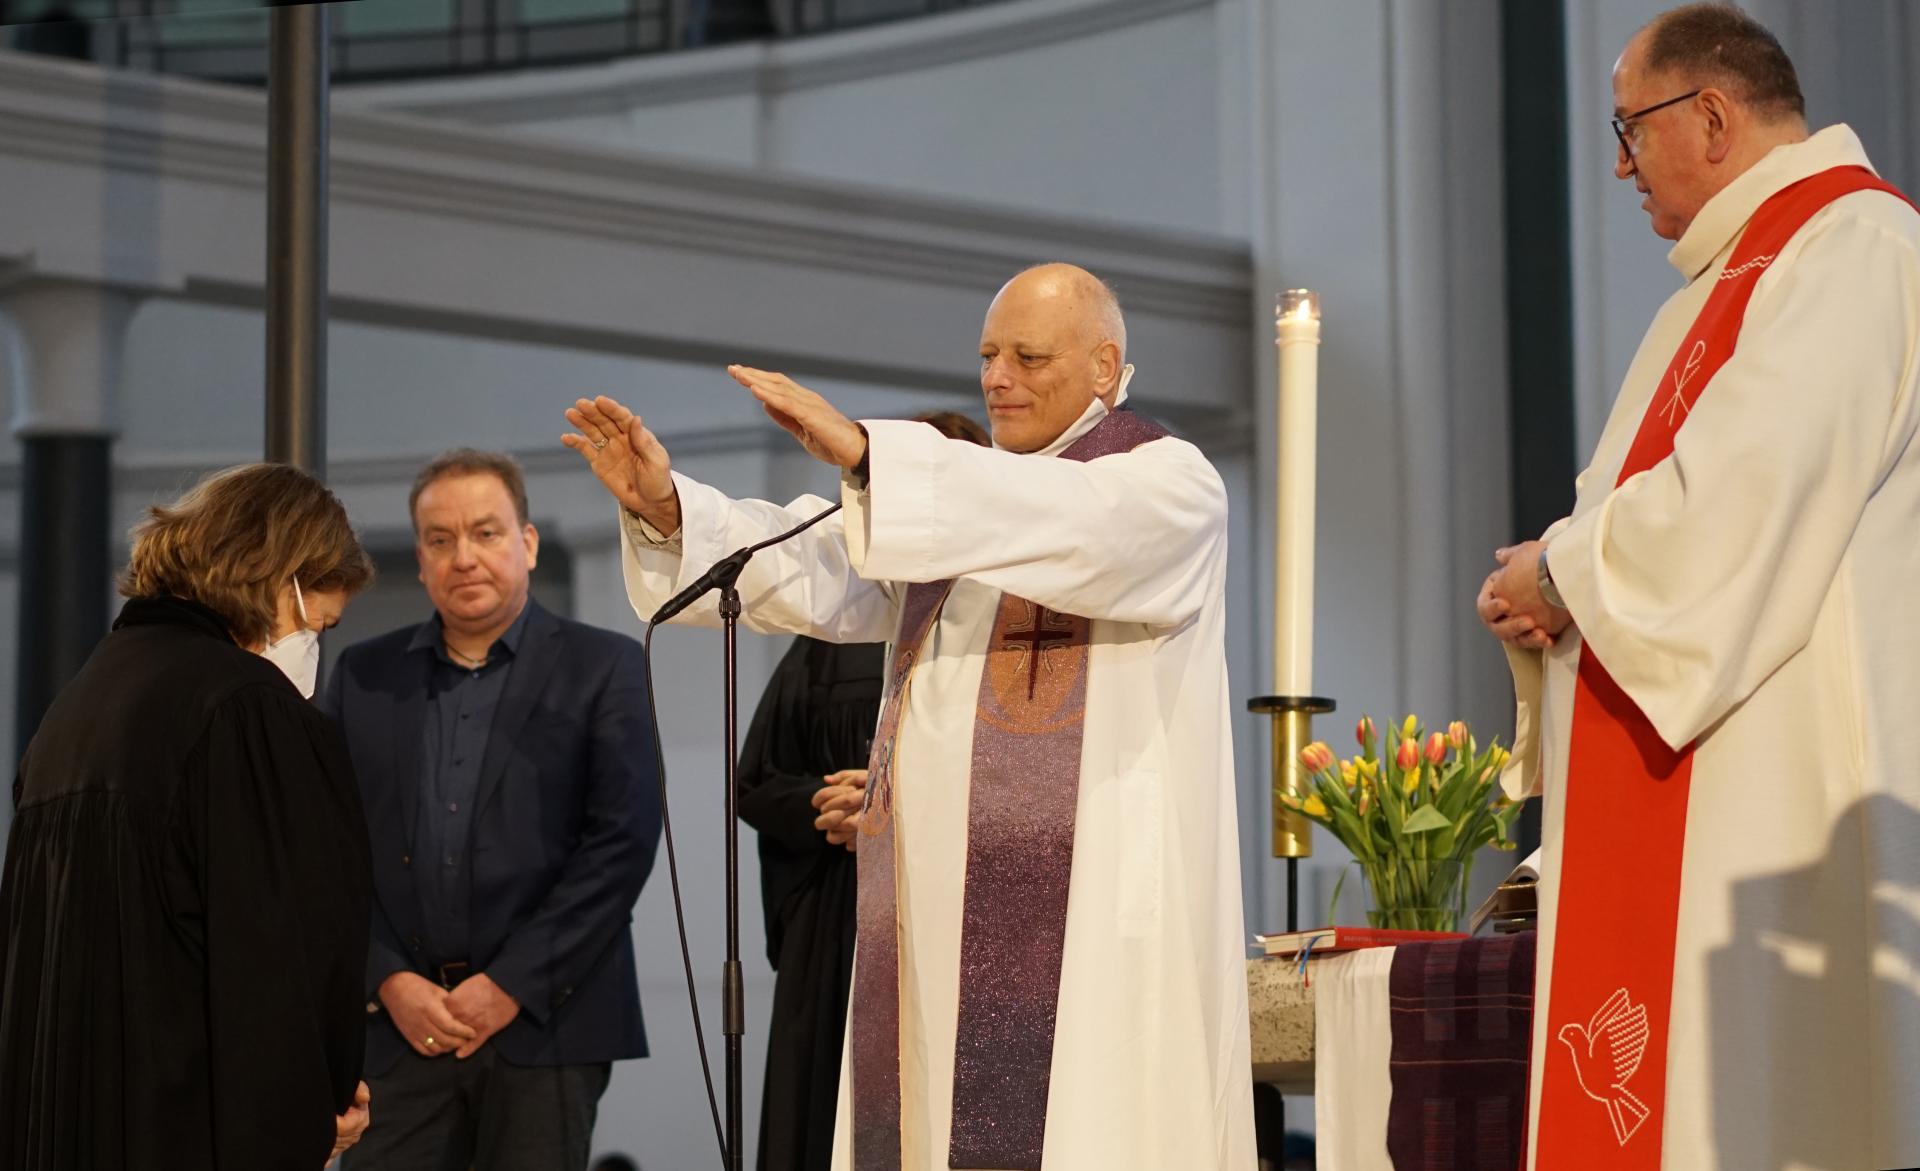 2021-03-17-pastor-meichner.jpg